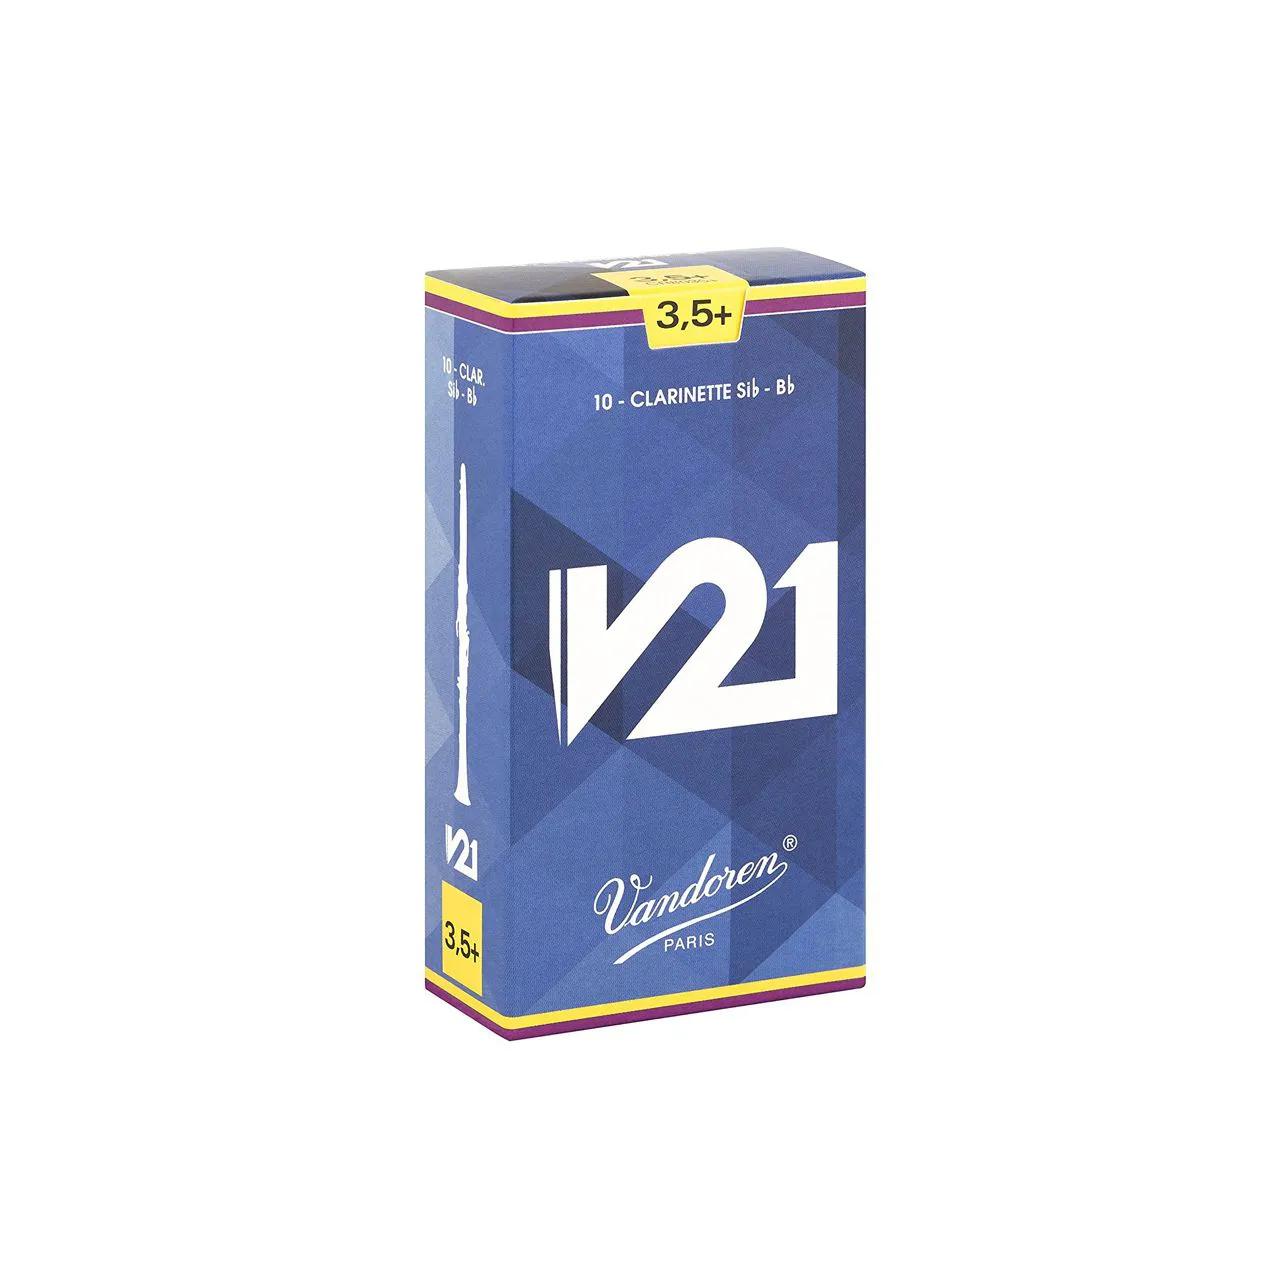 Palheta V21 3,5 P/clarinete Sib Cx C/10 Cr8035 Vandoren